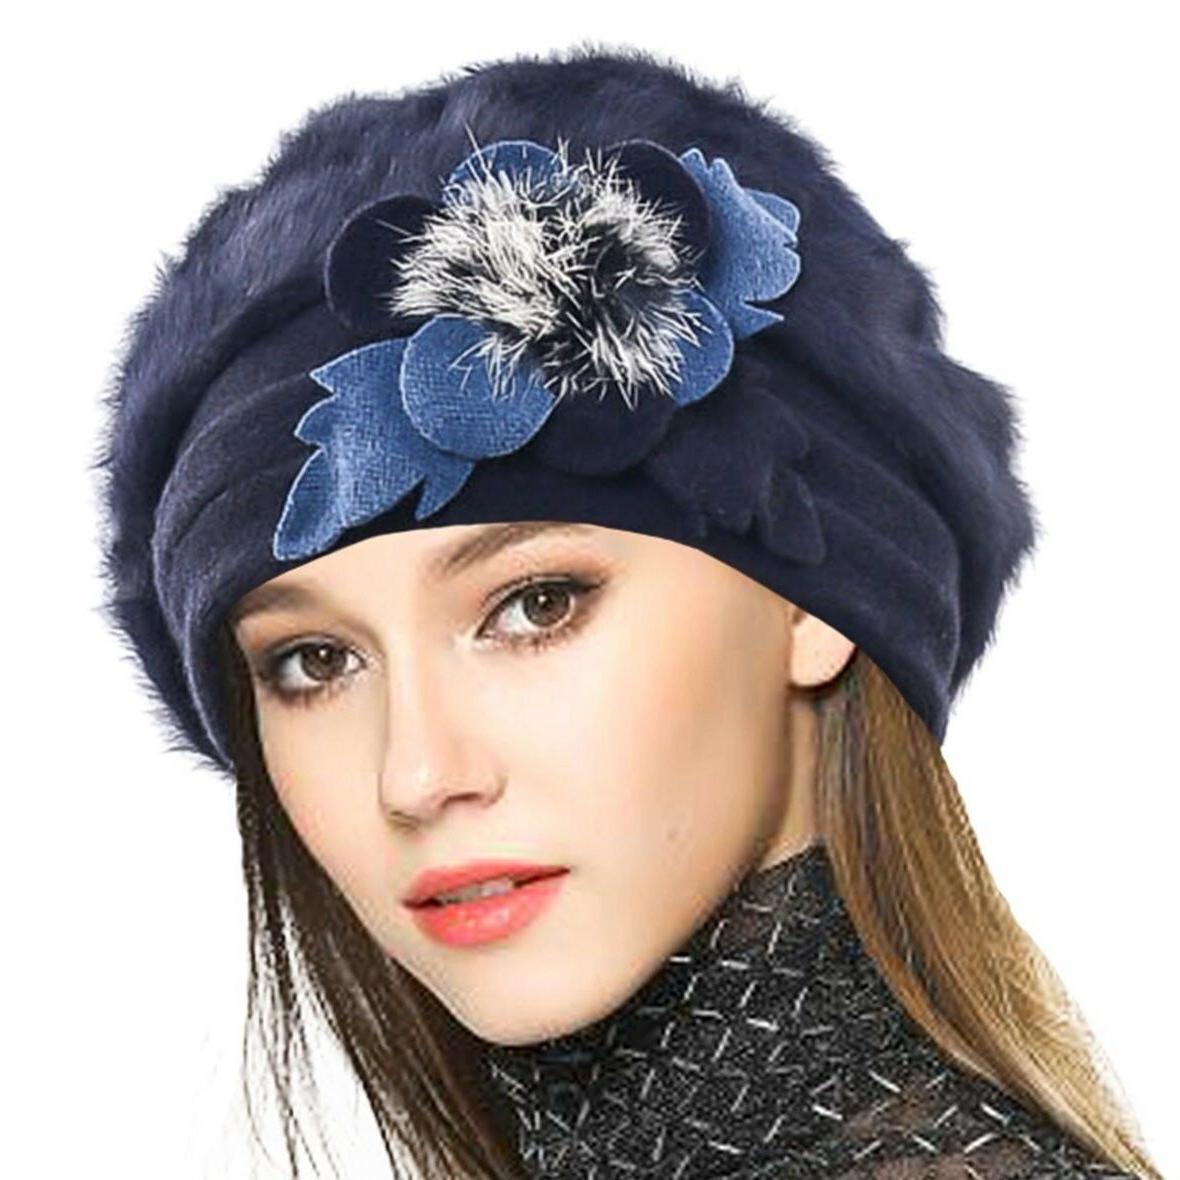 100% Beret Floral Dress Beanie Winter Genuine